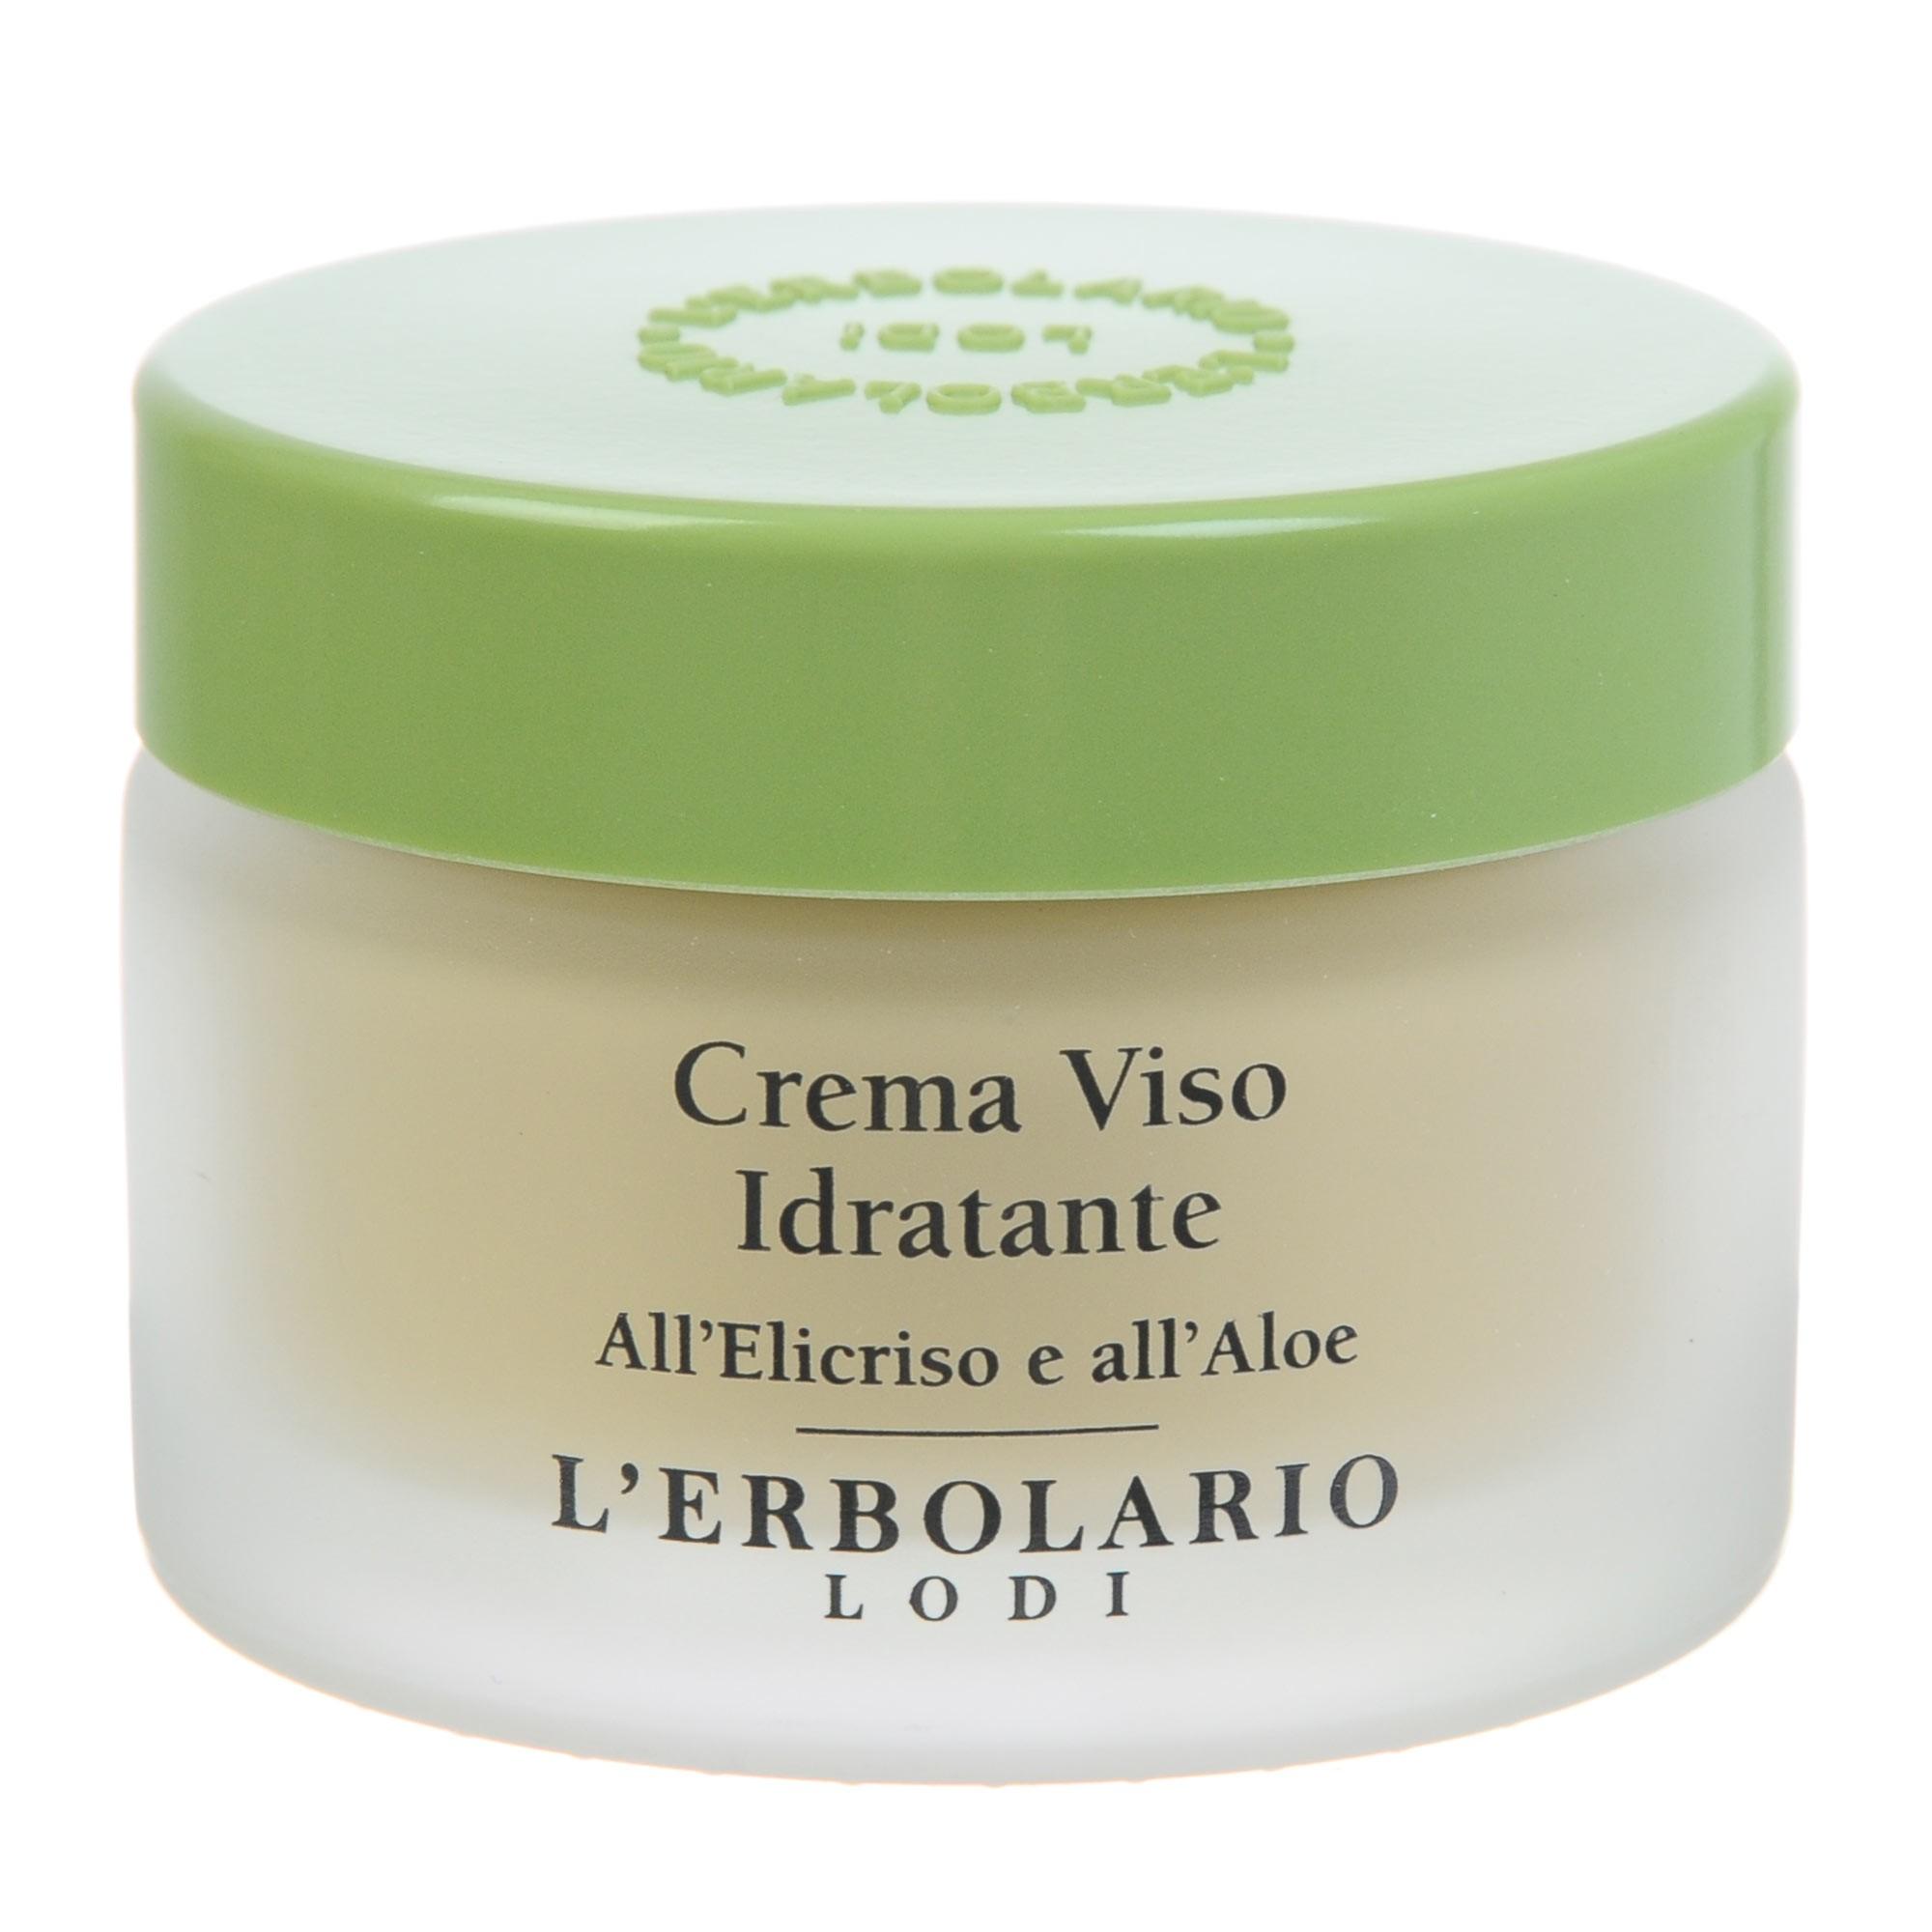 LERBOLARIO Крем увлажняющий для лица с цмином и алое 50 млКремы<br>Крем с цмином и алое от L`Erbolario - это защитный, увлажняющий крем для любого типа кожи. Особый состав этого крема делает его поистине незаменимым для тех, кто любит проводить свободное время на открытом воздухе. Он защищает кожу лица от интенсивного солнечного света, сильного ветра, холода или жары. Ежедневное использование этого крема обеспечивает идеальное увлажнение кожи, препятствует появлению морщин, сохраняет кожу молодой и свежей.  Активные ингредиенты: Экстракт цмина, экстракт алоэ, дистиллированная вода цмина, увлажняющий комплекс, неомыляющаяся фракция оливкового масла, гамма-оризанол (UVA-фильтр растительного происхождения, получен из масла отрубей риса).   Способ применения: Наносить на предварительно очищенную кожу лица за 15-20 минут до выхода на улицу.<br><br>Возраст применения: После 25<br>Назначение: Морщины